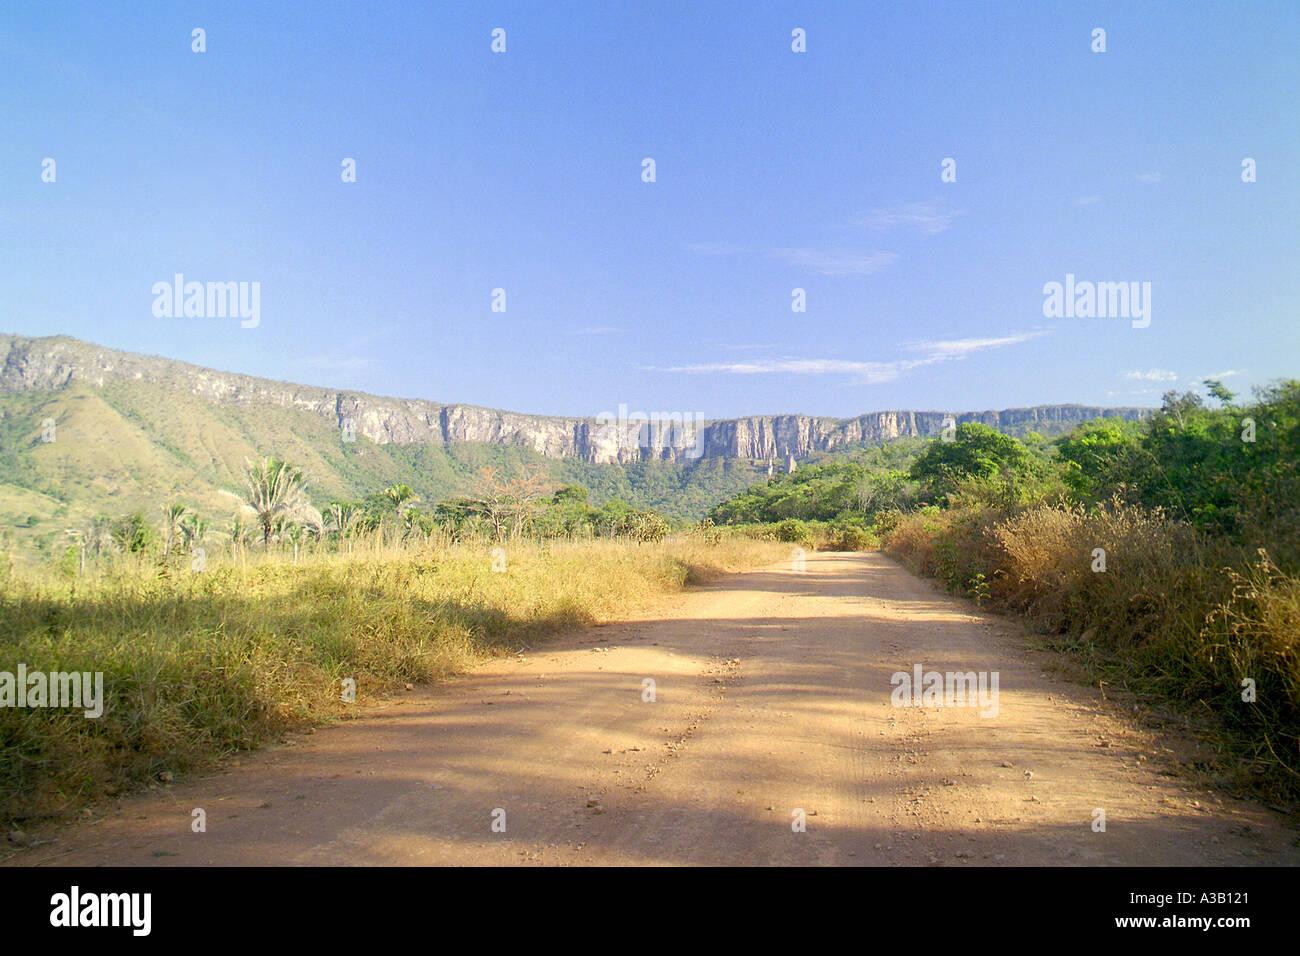 Dusty Road to Alto Paraíso in Chapada dos Veadeiros - Stock Image